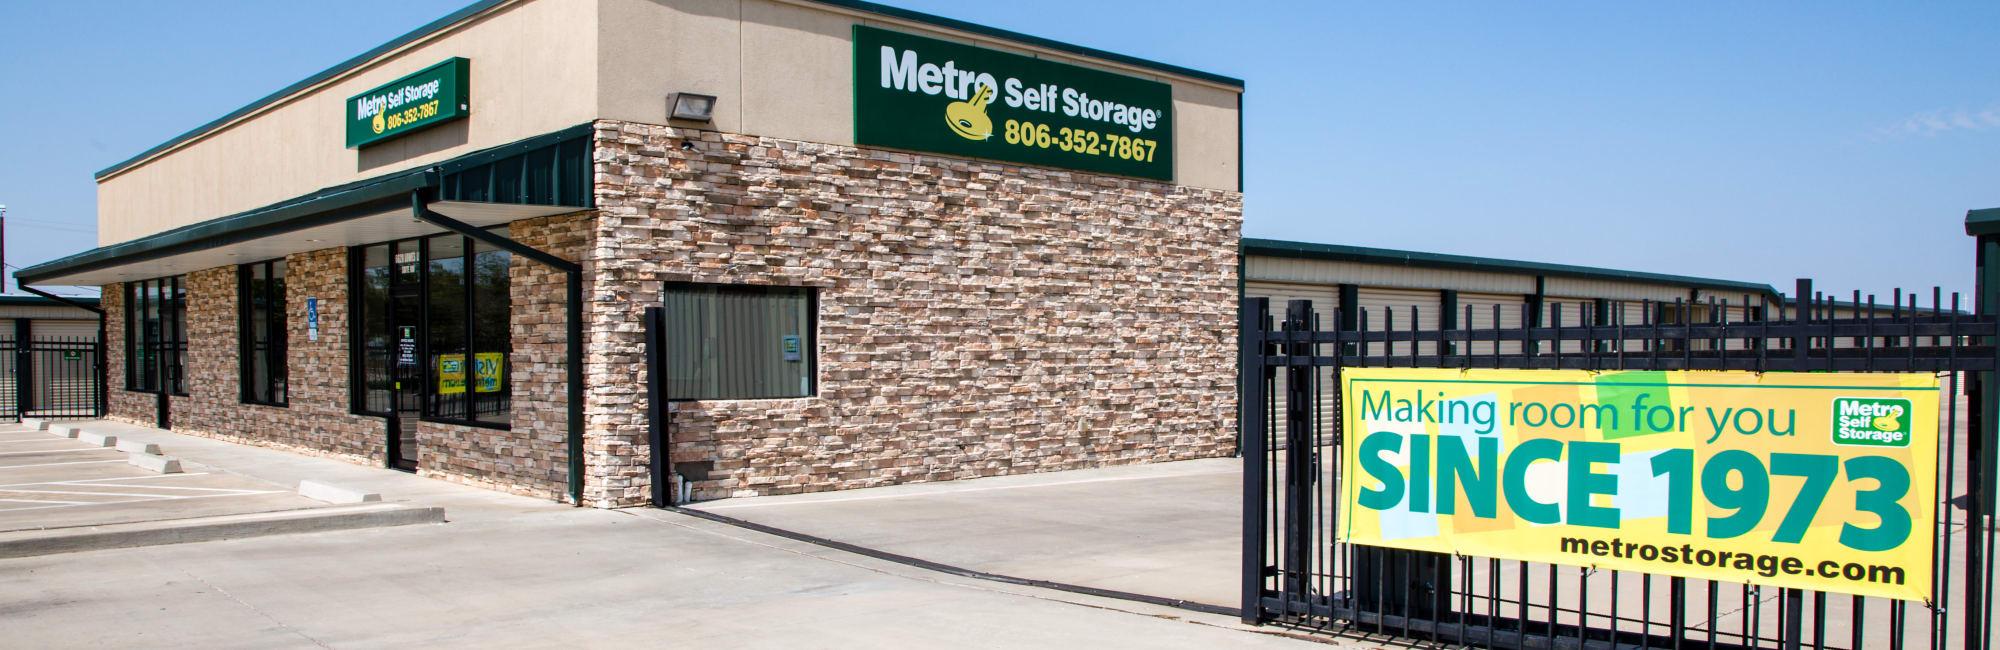 Metro Self Storage in Amarillo, TX